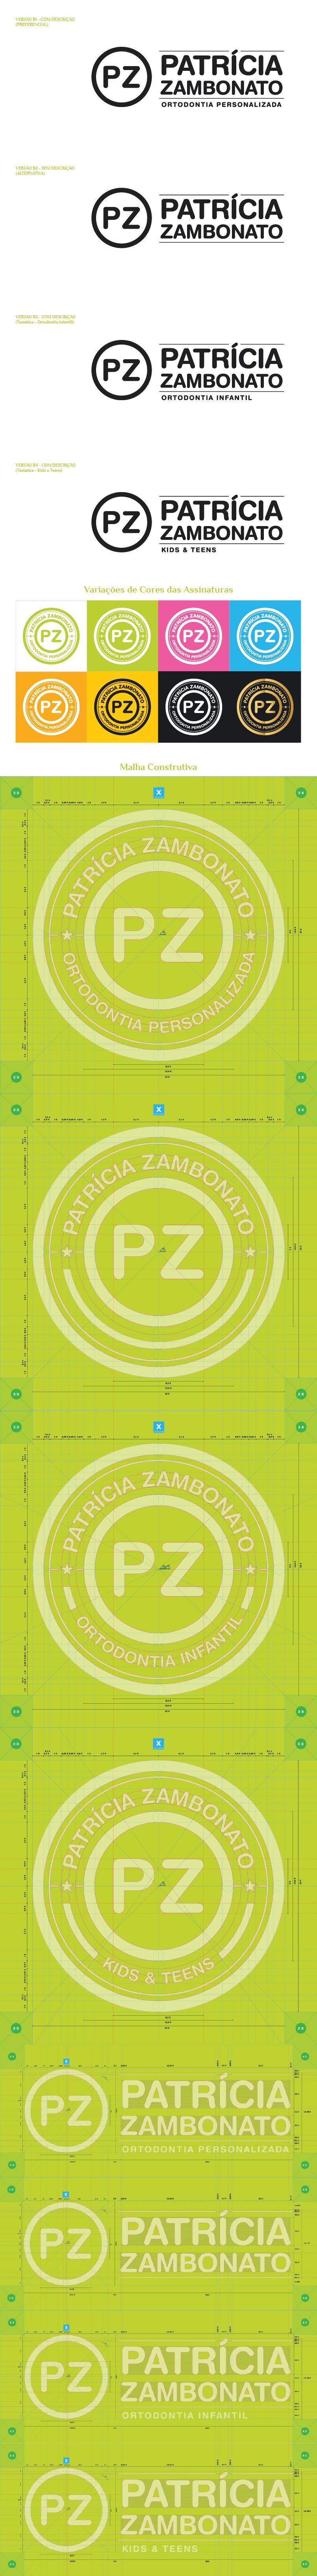 apresentacao-marca-patricia-zambonato-pz-2